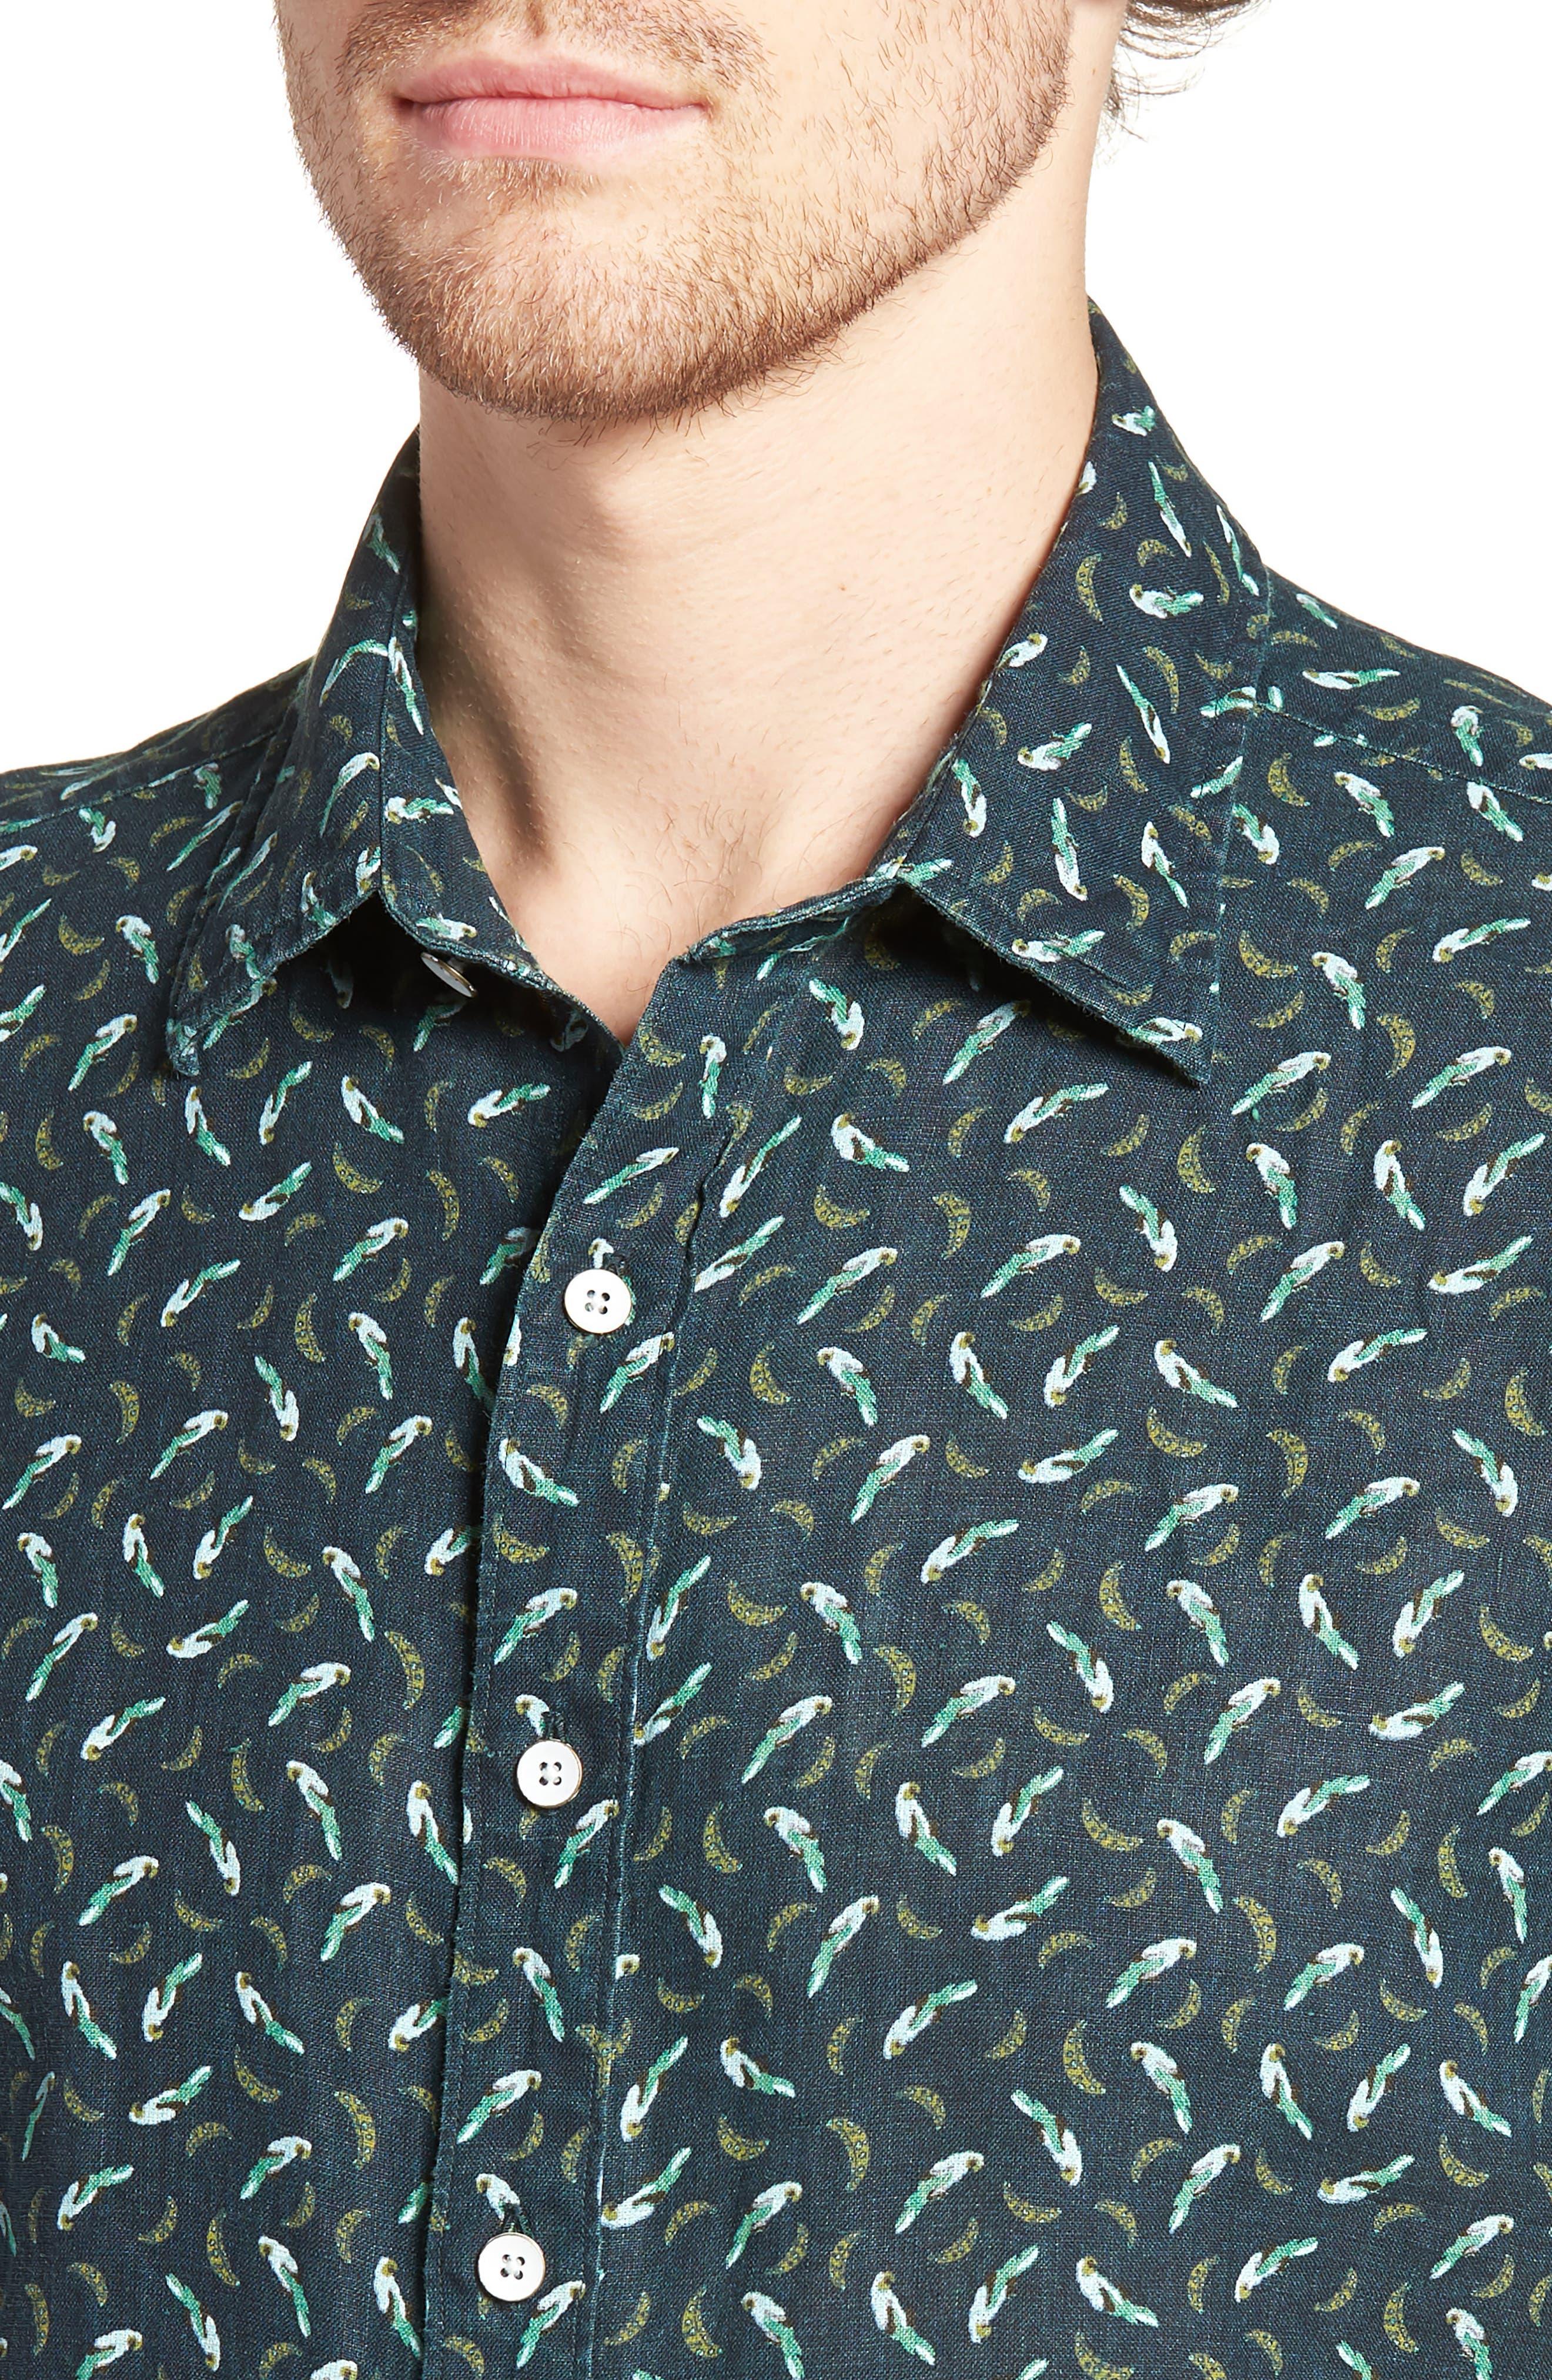 Rivas Avenue Linen Sport Shirt,                             Alternate thumbnail 2, color,                             Forest